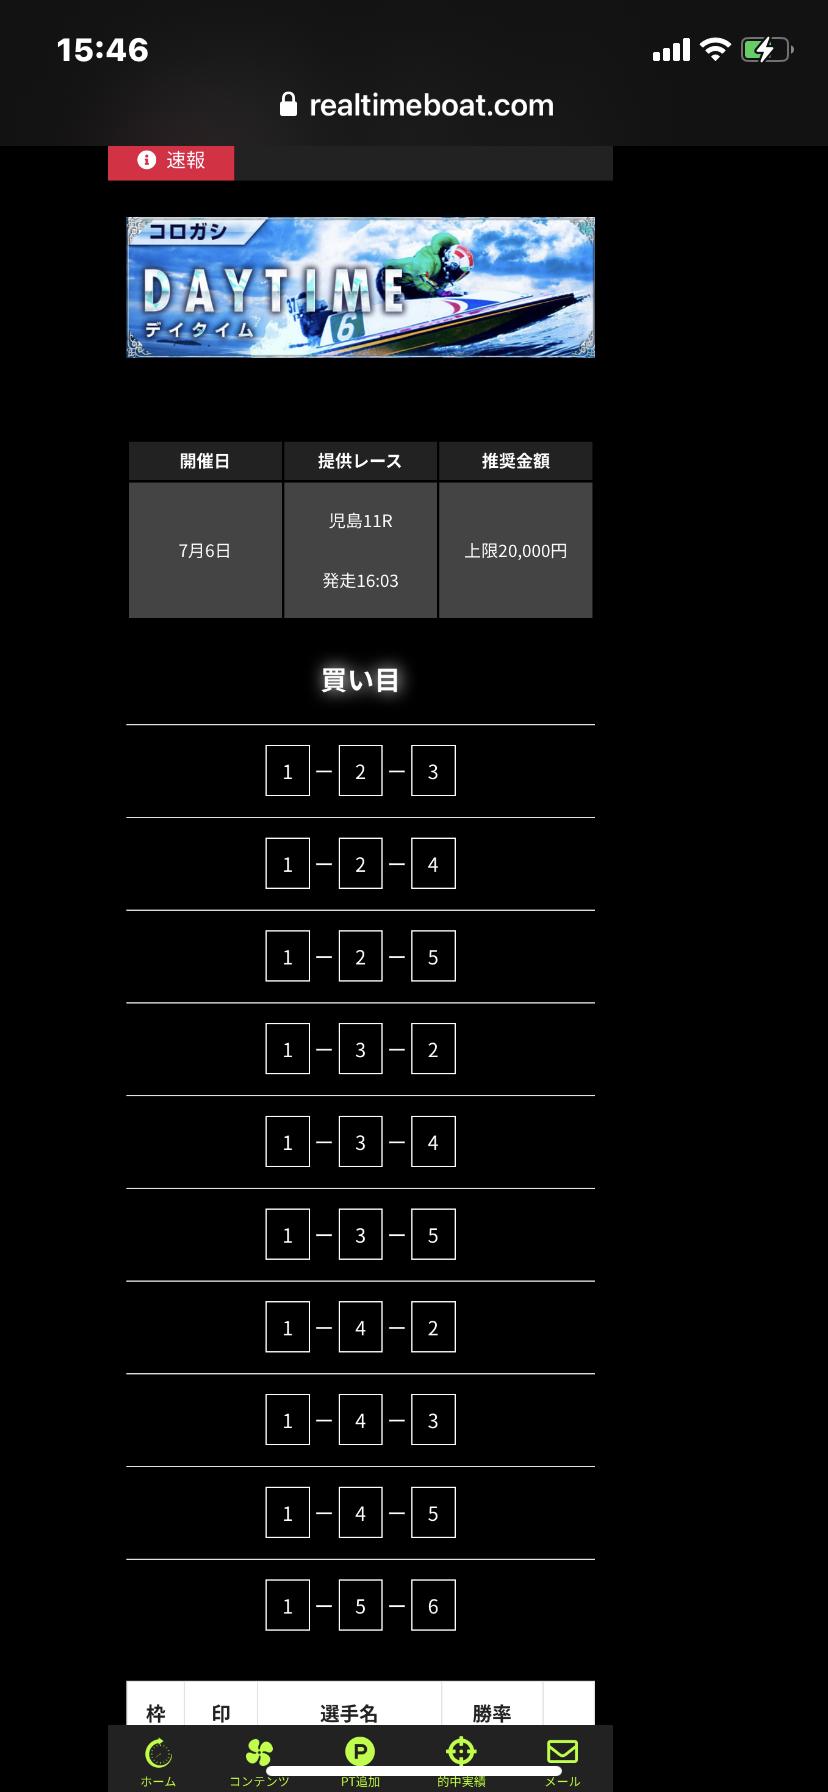 リアルタイムボート7月6日有料プランDAYTIME(デイタイム)の検証結果